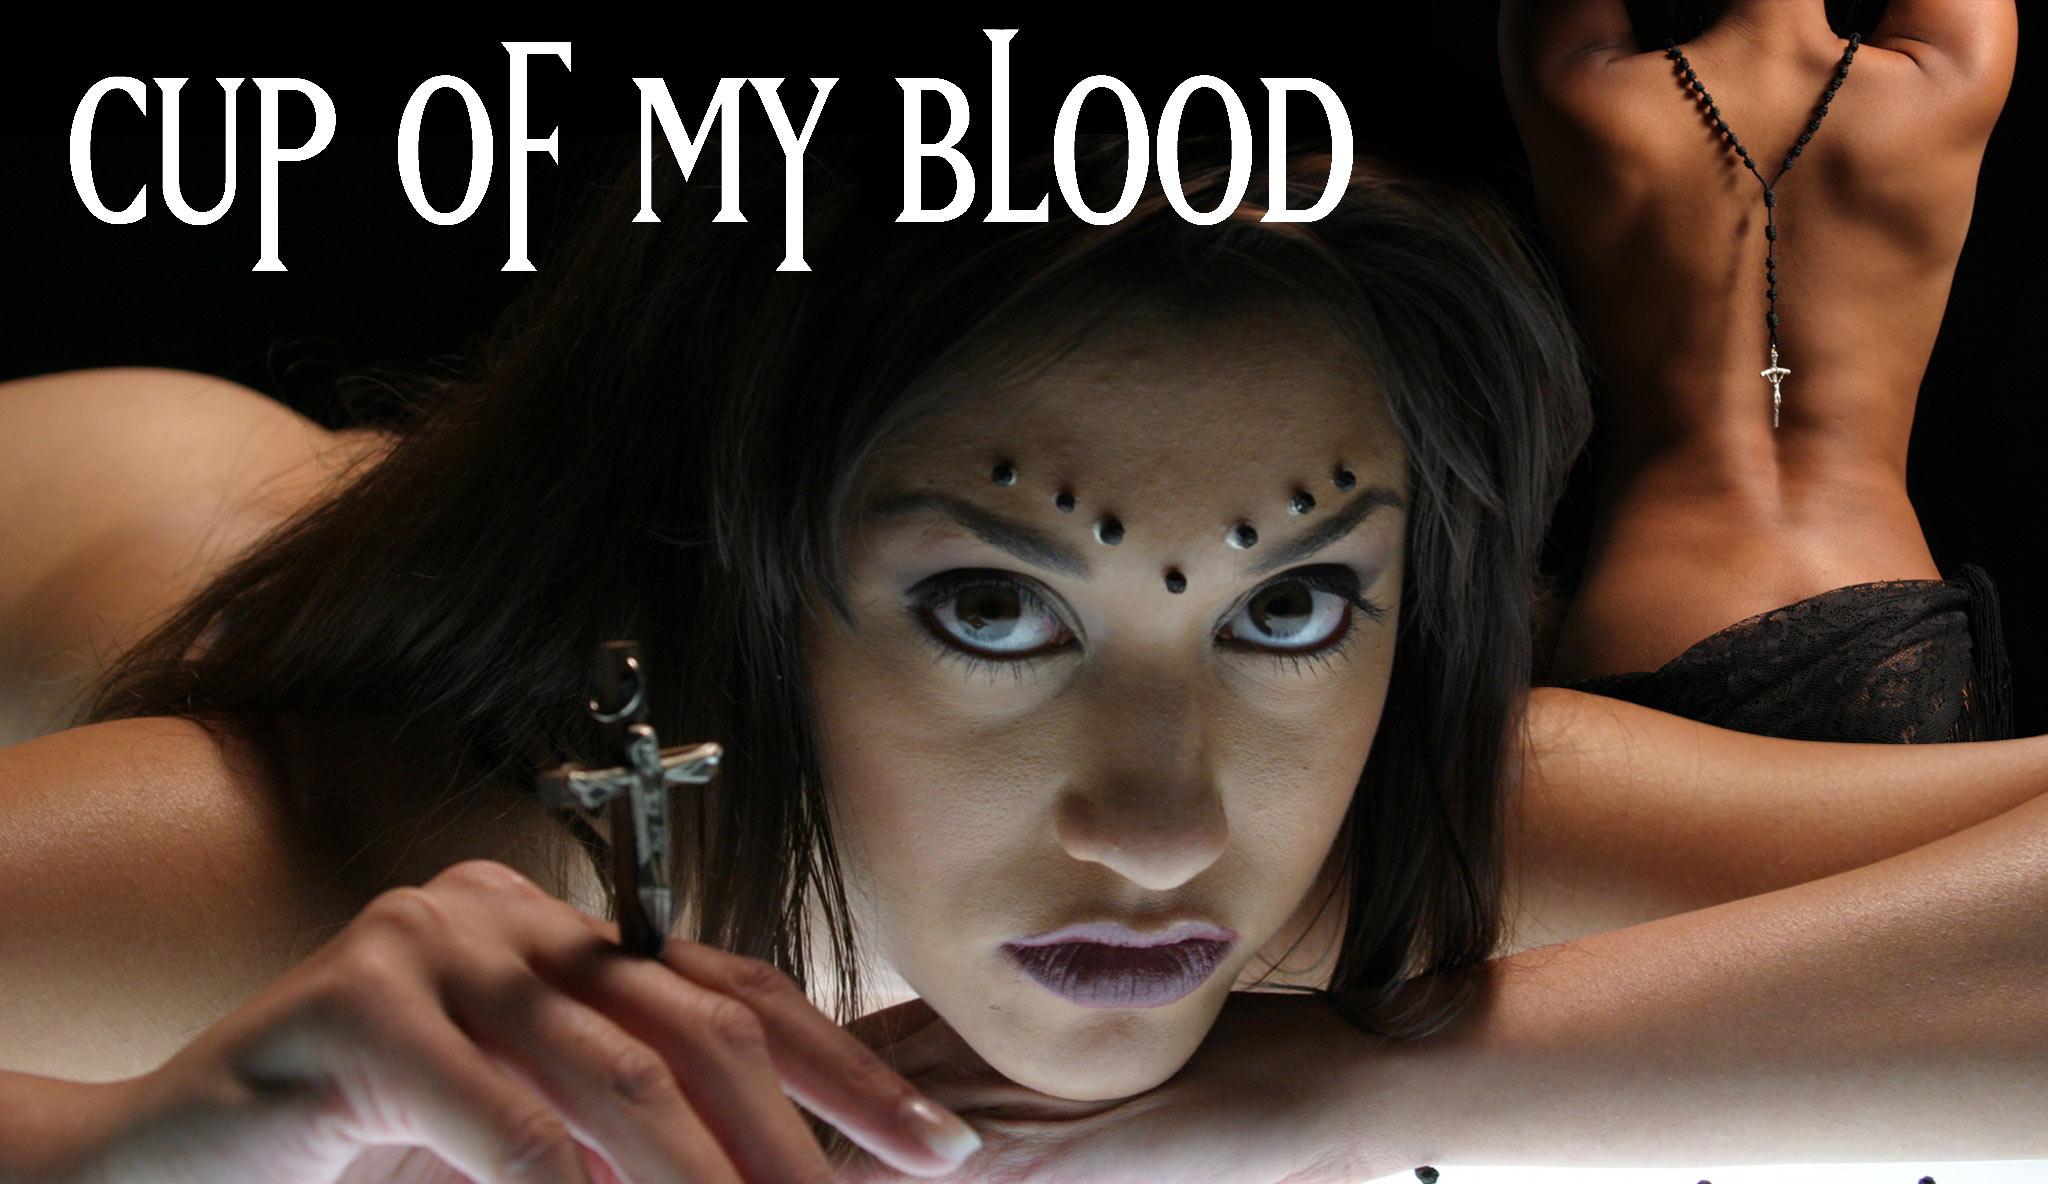 cup-of-my-blood\header.jpg